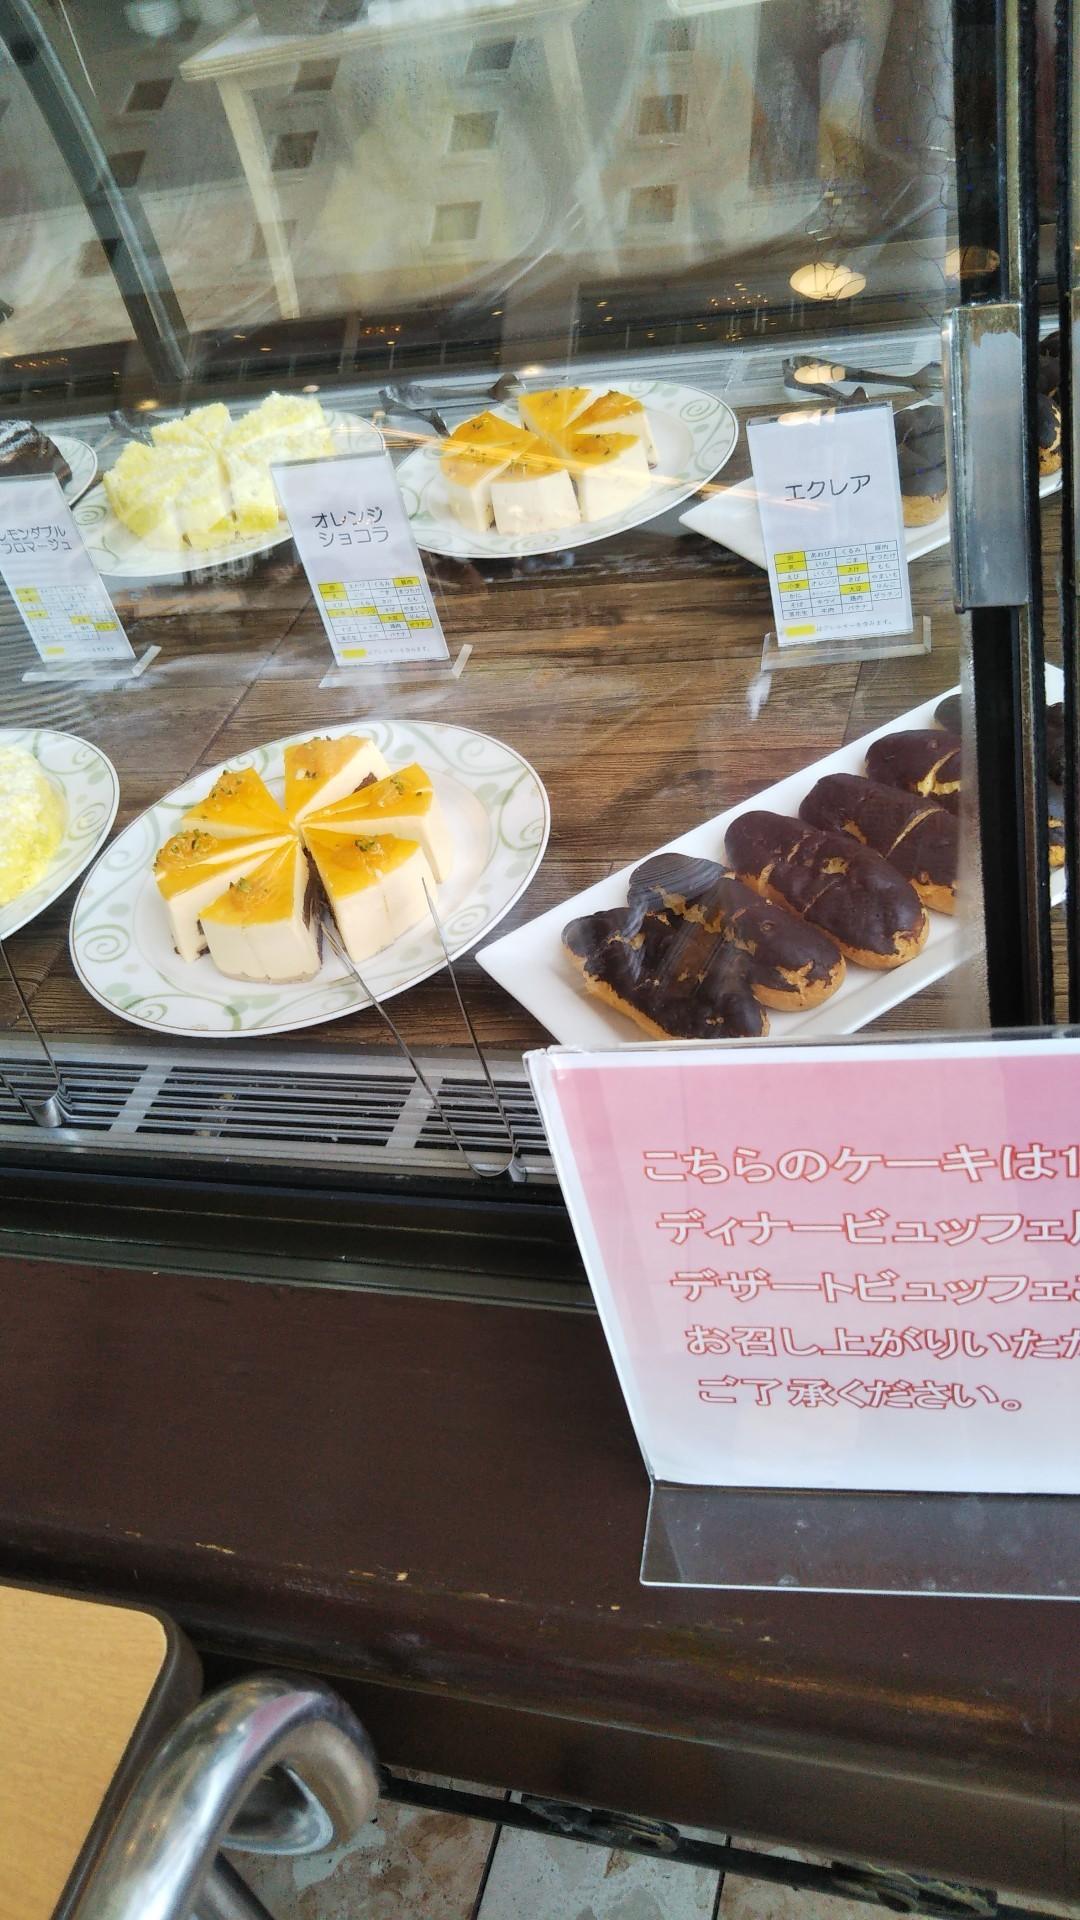 シャトレーゼ ガトーキングダムサッポロ ヴィーニュ Dessert Buffet~夏のべジスイーツフェア~_f0076001_23491404.jpg